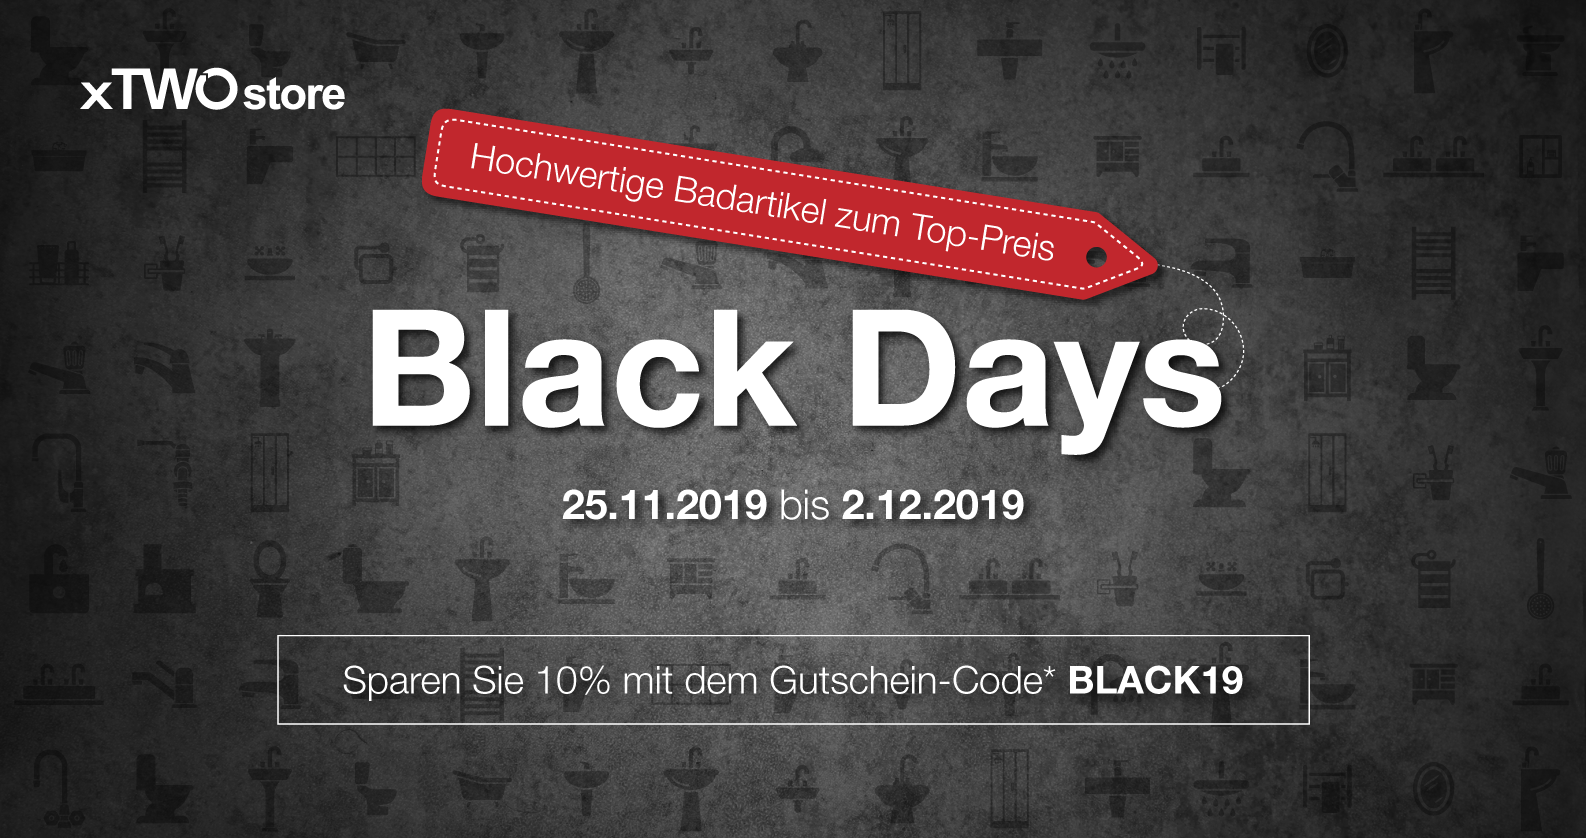 Black Days bei xTWOstore